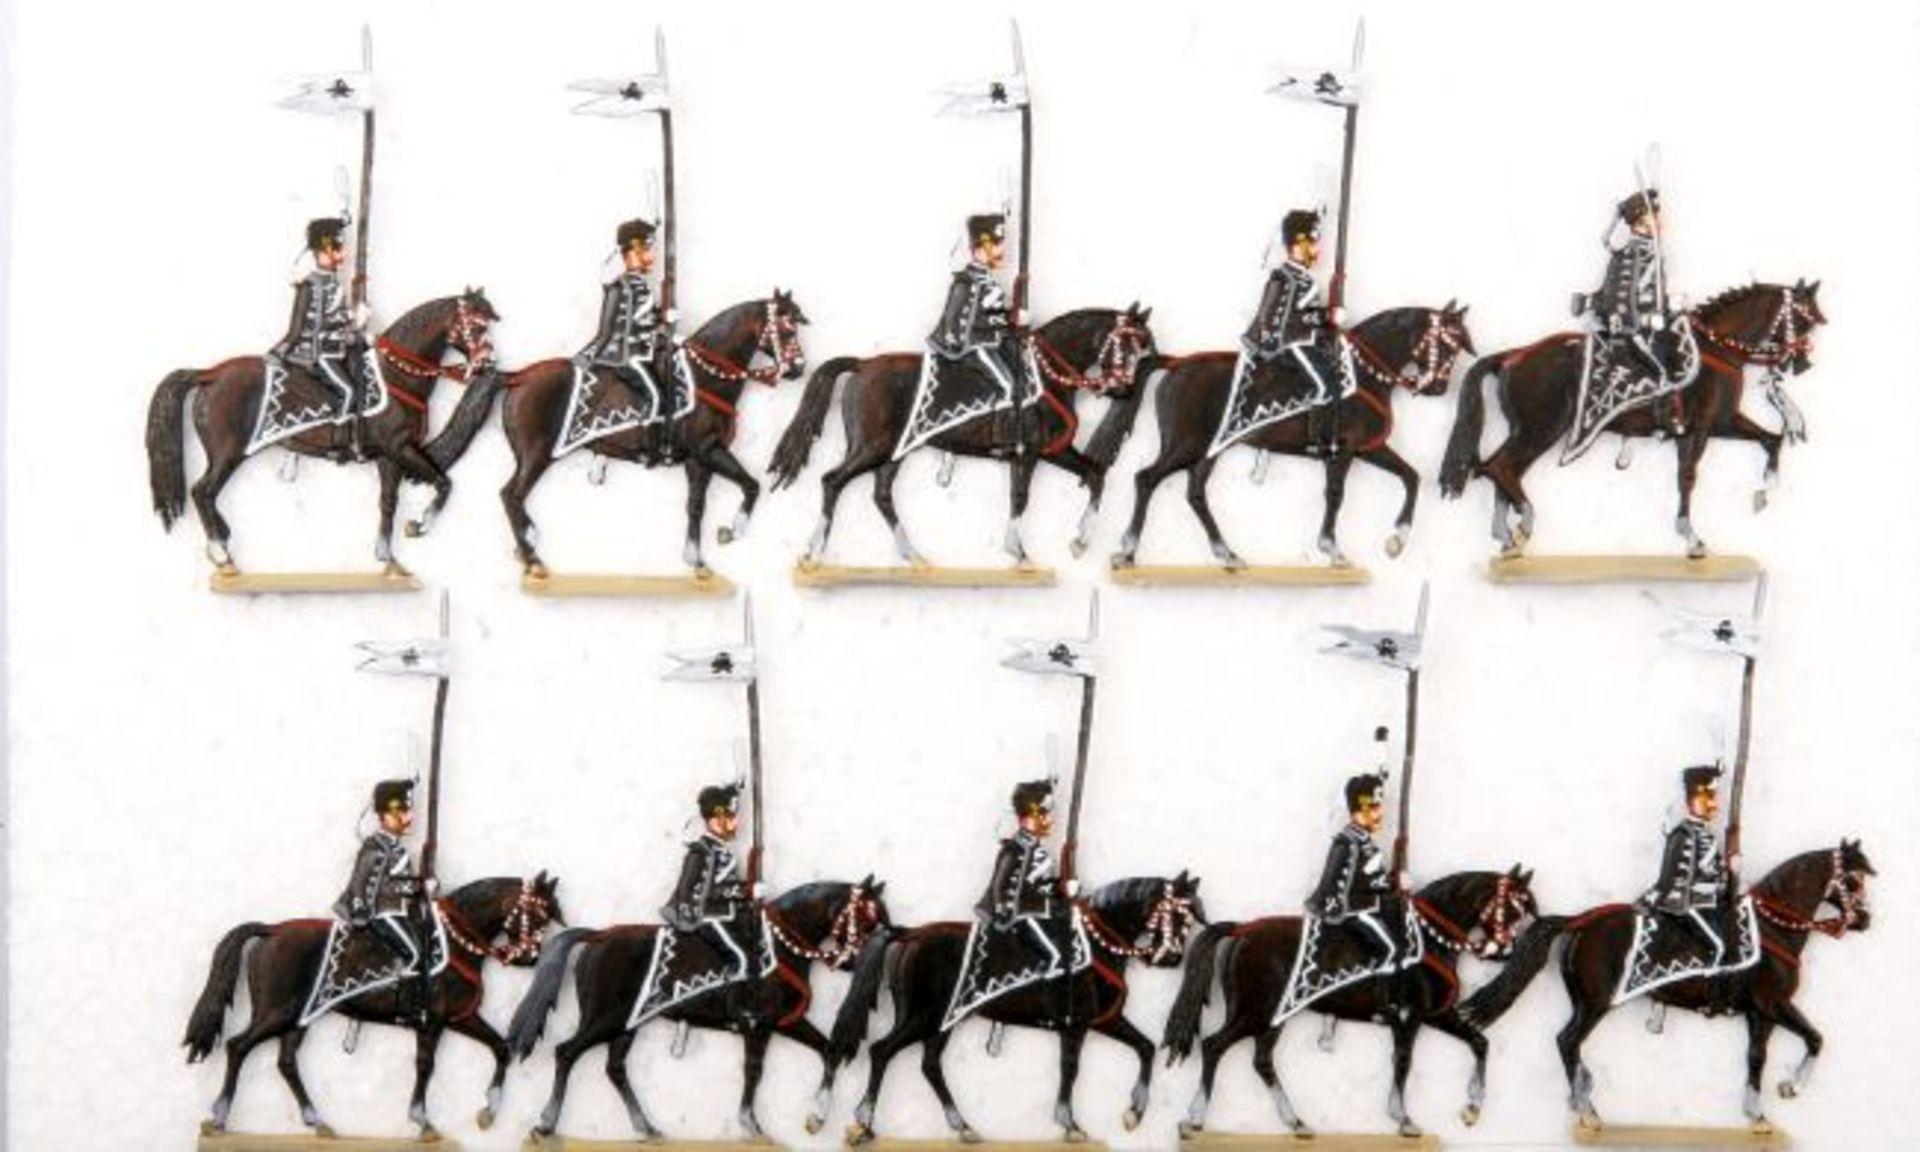 Deutsches Reich um 1910, Preußen, Leibhusaren-Regiment im Schritt, Baumgarten, sehr gute, leicht